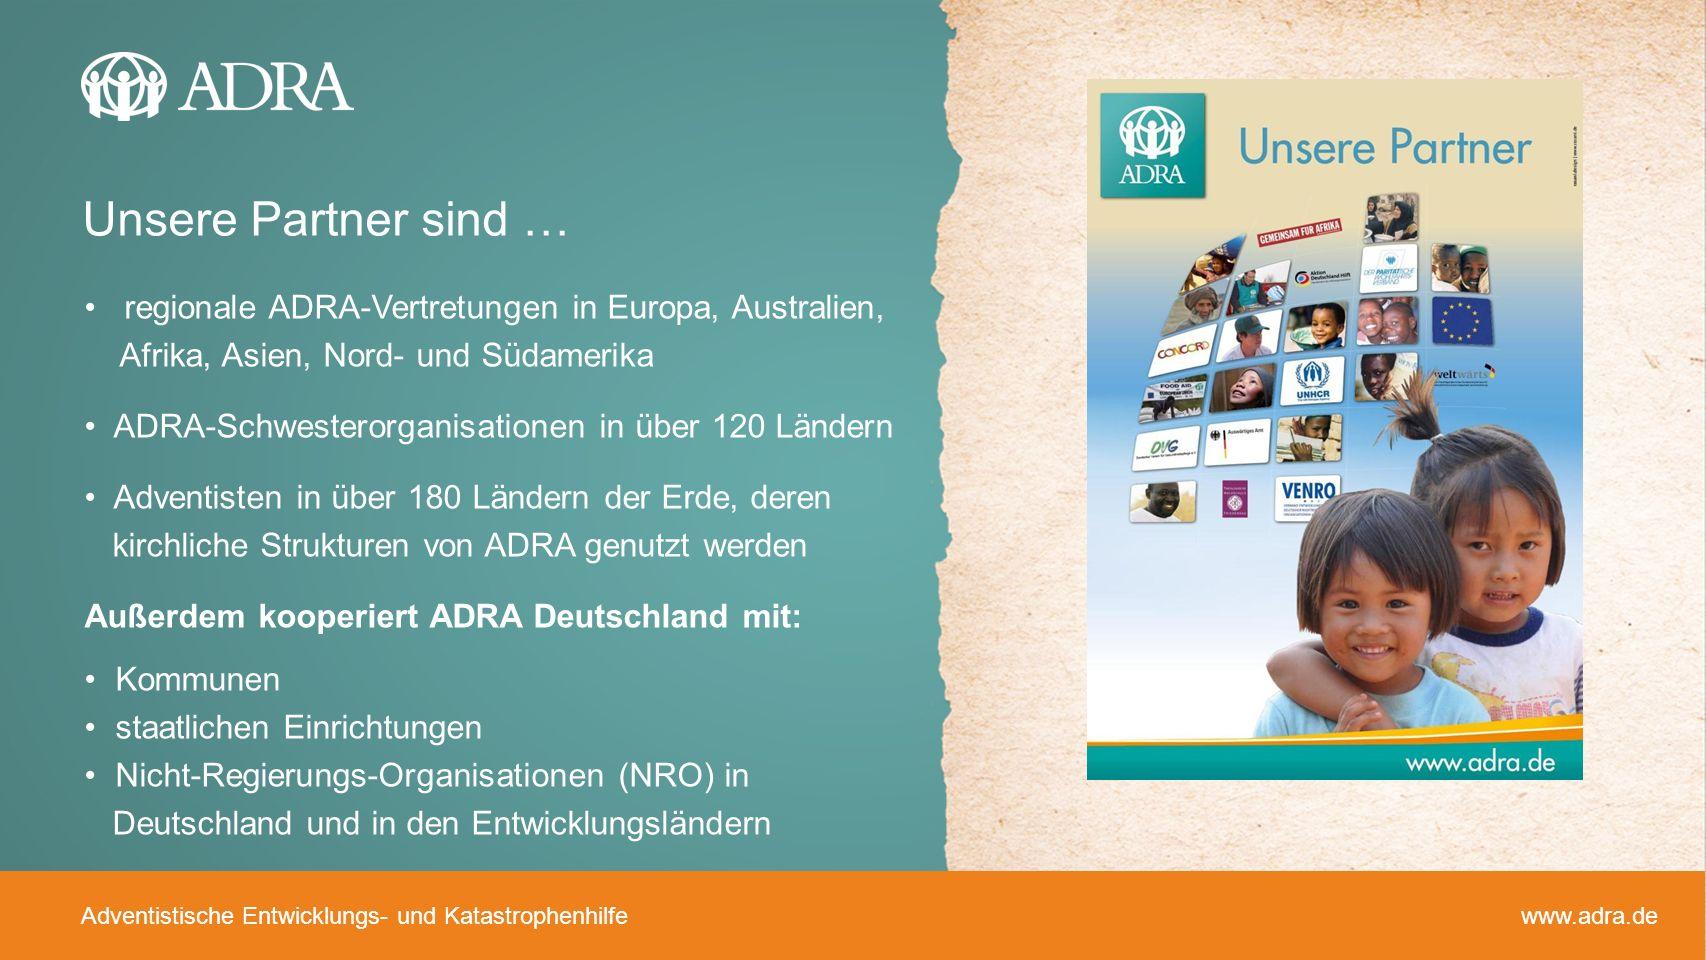 Adventistische Entwicklungs- und Katastrophenhilfe www.adra.de regionale ADRA-Vertretungen in Europa, Australien, Afrika, Asien, Nord- und Südamerika